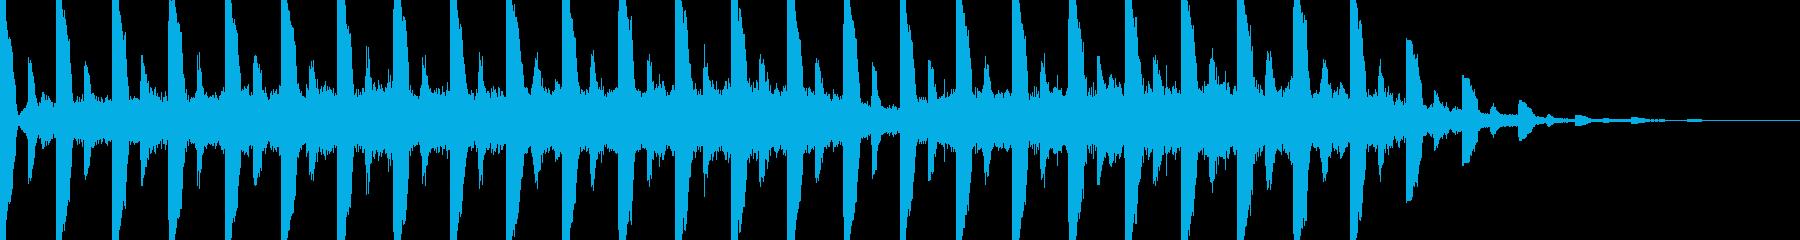 サイエンス 実験 科学 理科 化学 教育の再生済みの波形